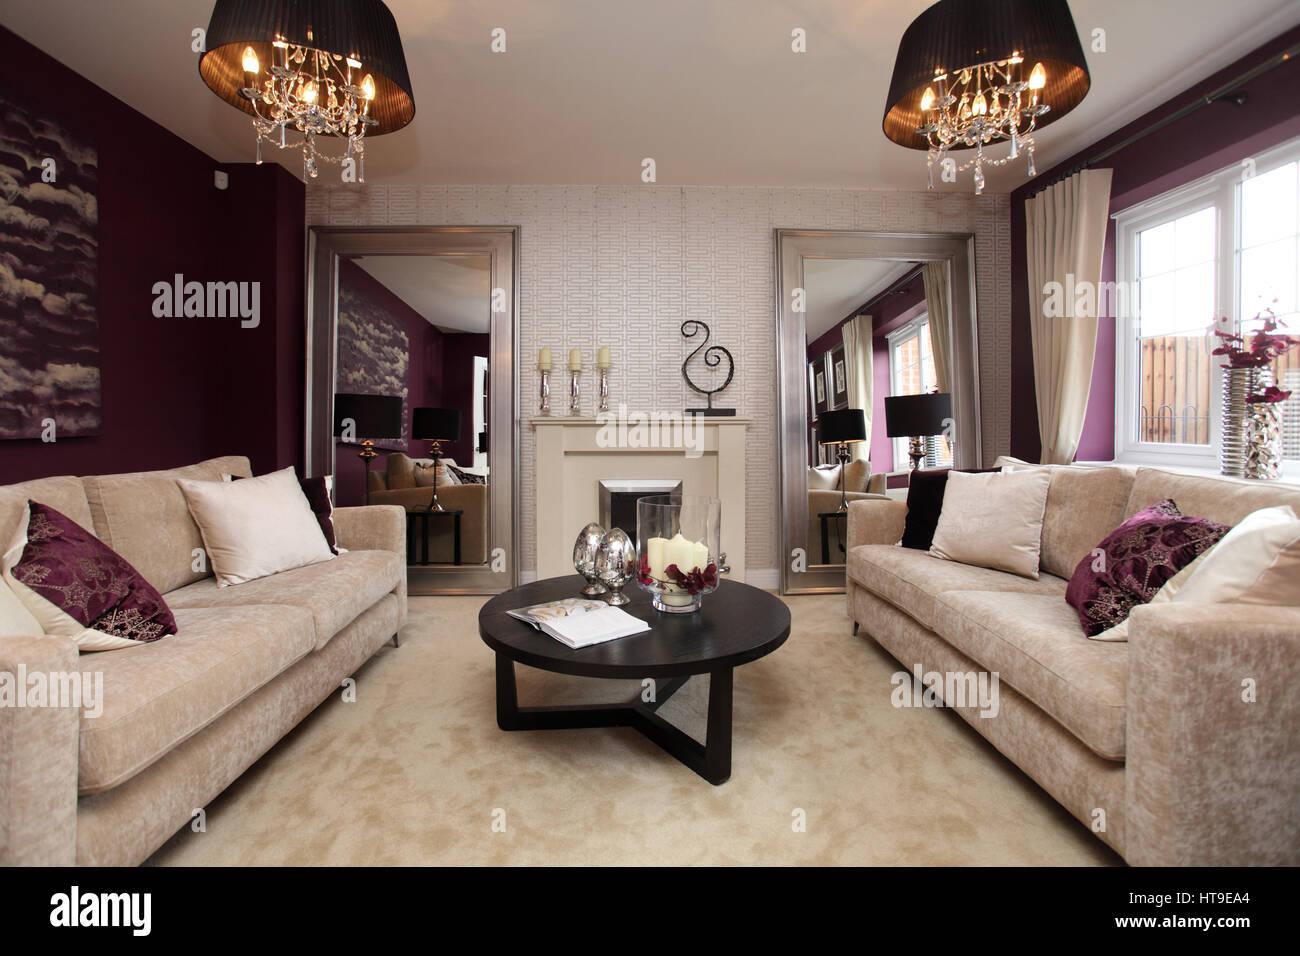 Wohngebäude, Lounge, Wohnzimmer, lila Dekor, lila ...